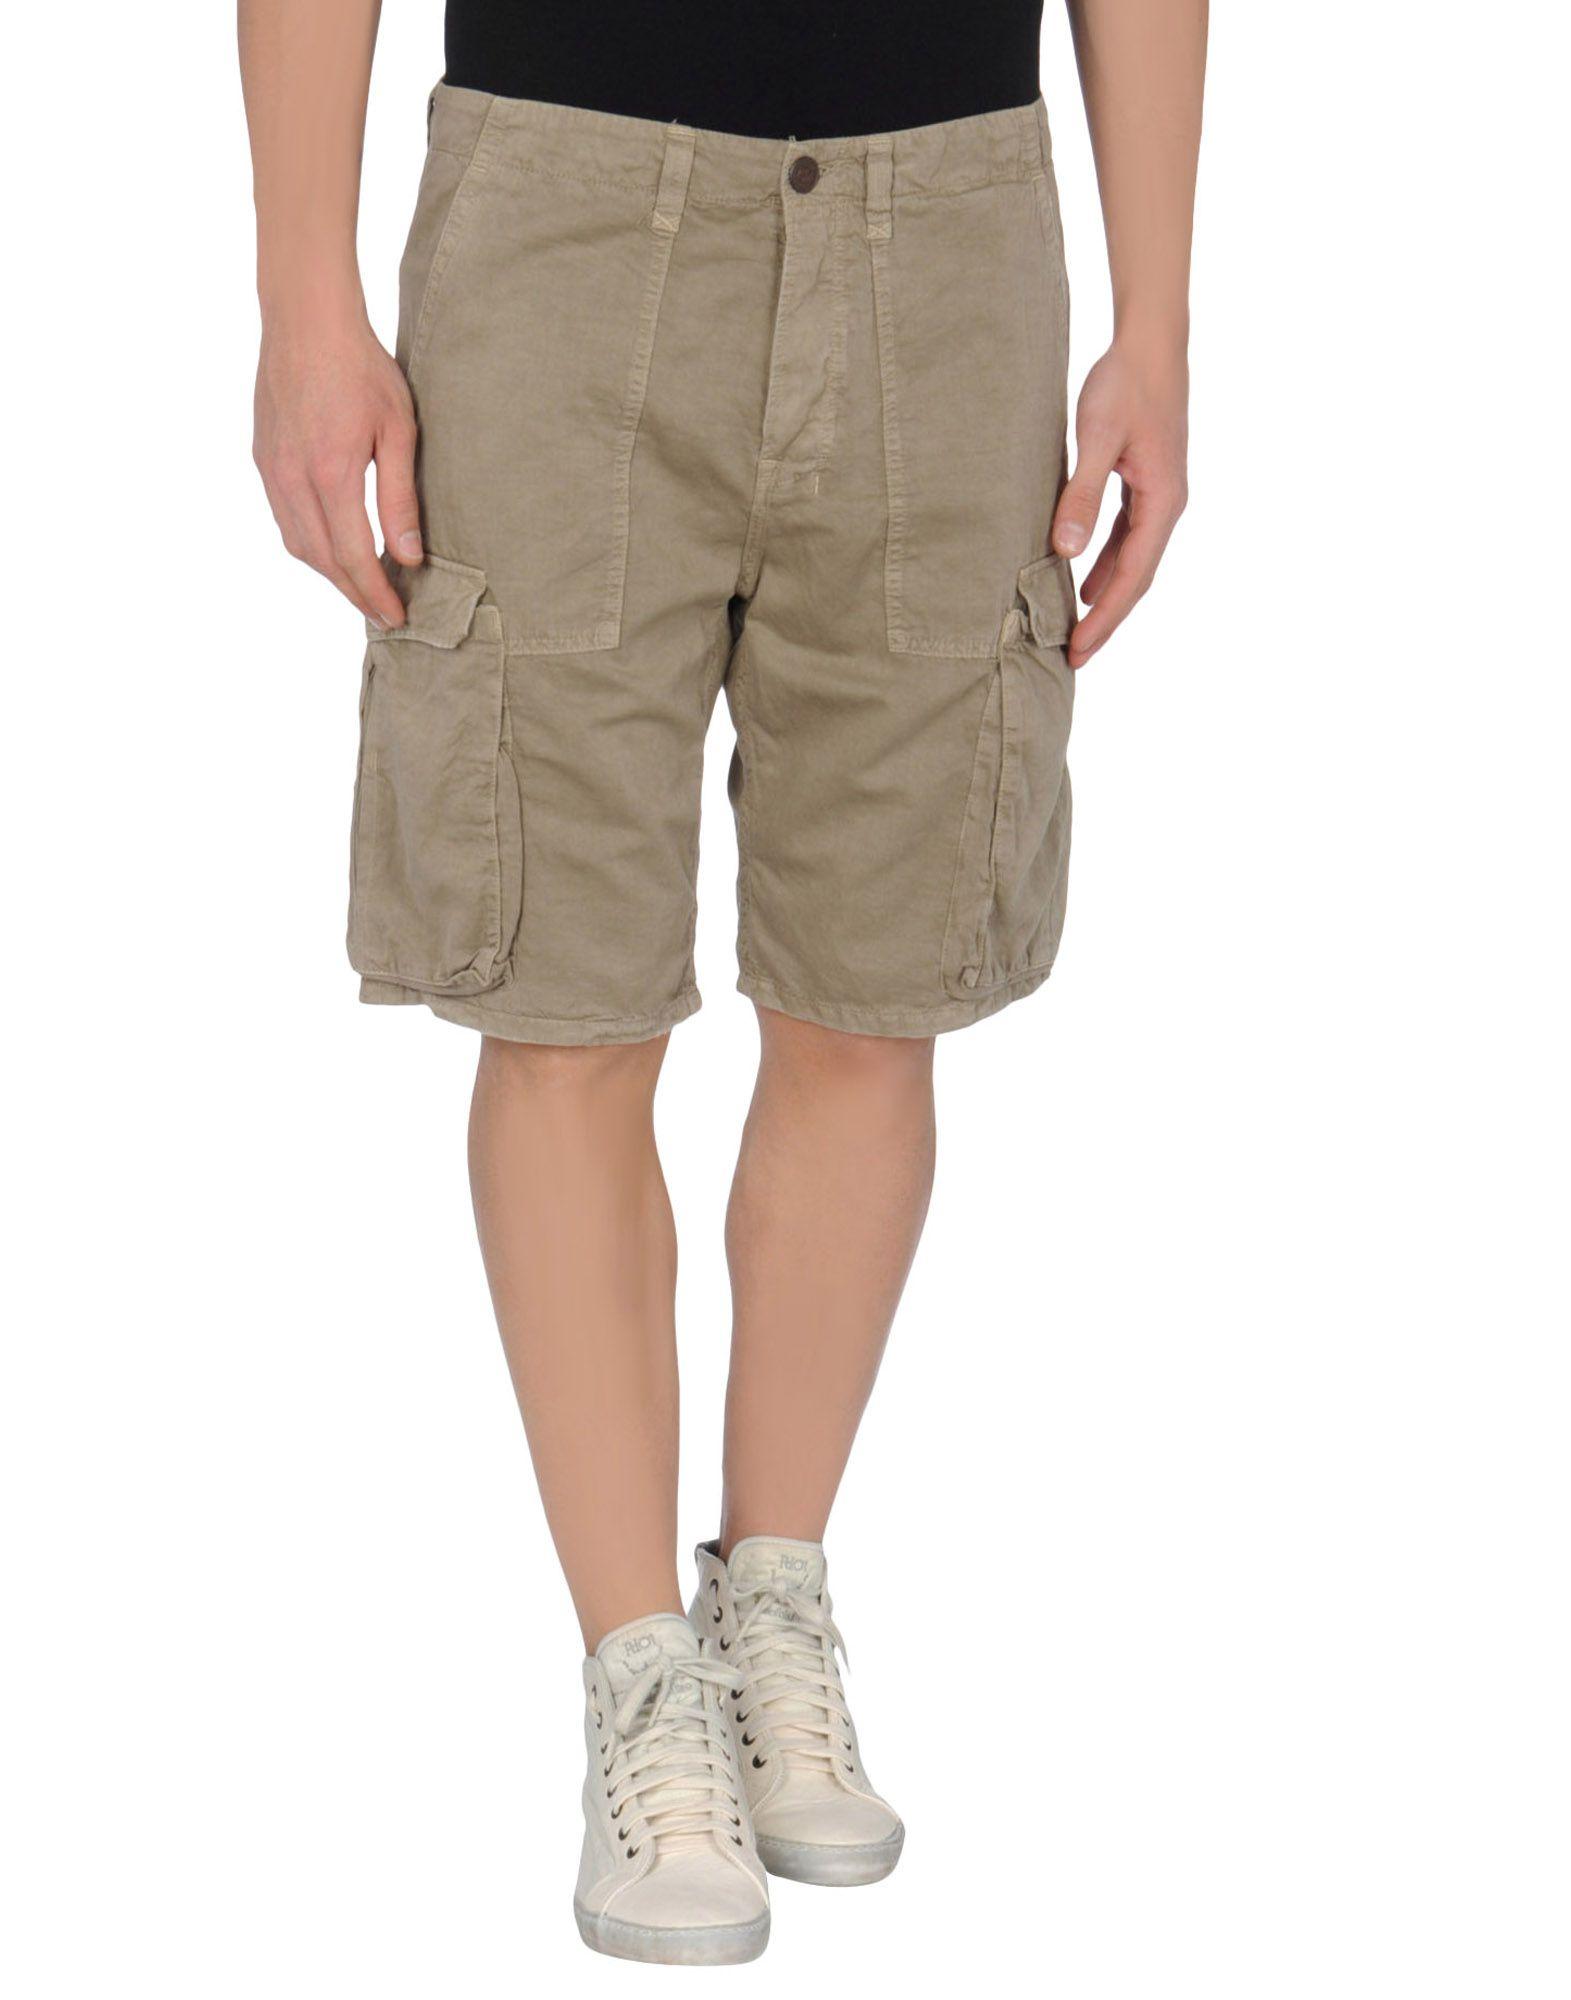 TROUSERS - Bermuda shorts Seal Kay wuL1K8aHLP